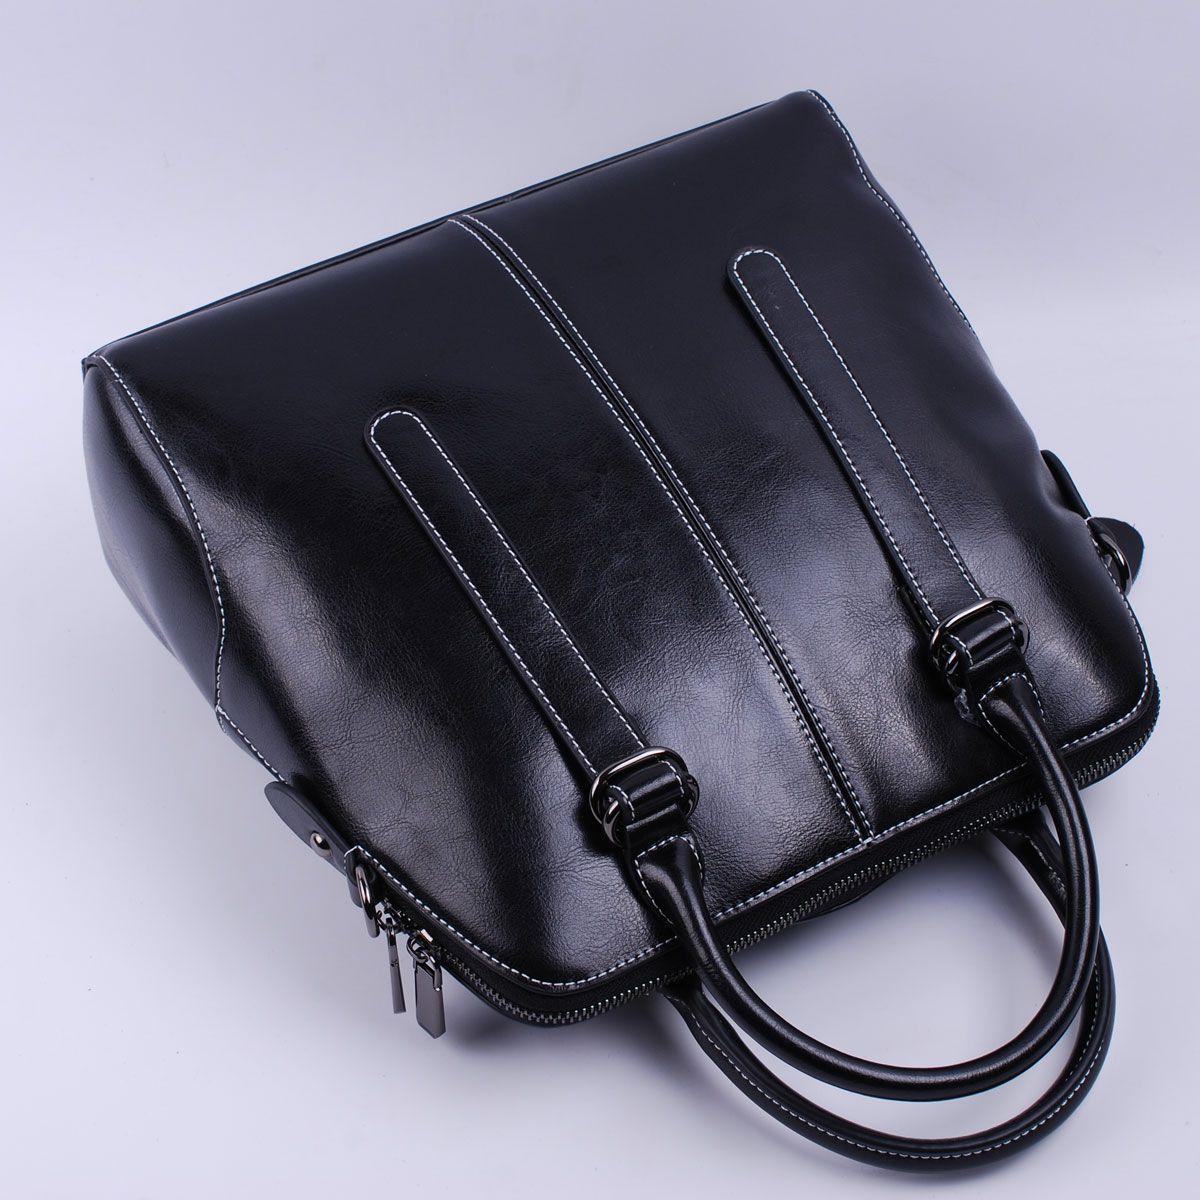 Сумка женская Topo Fortunato, TF-B 9989-019, черный все цены